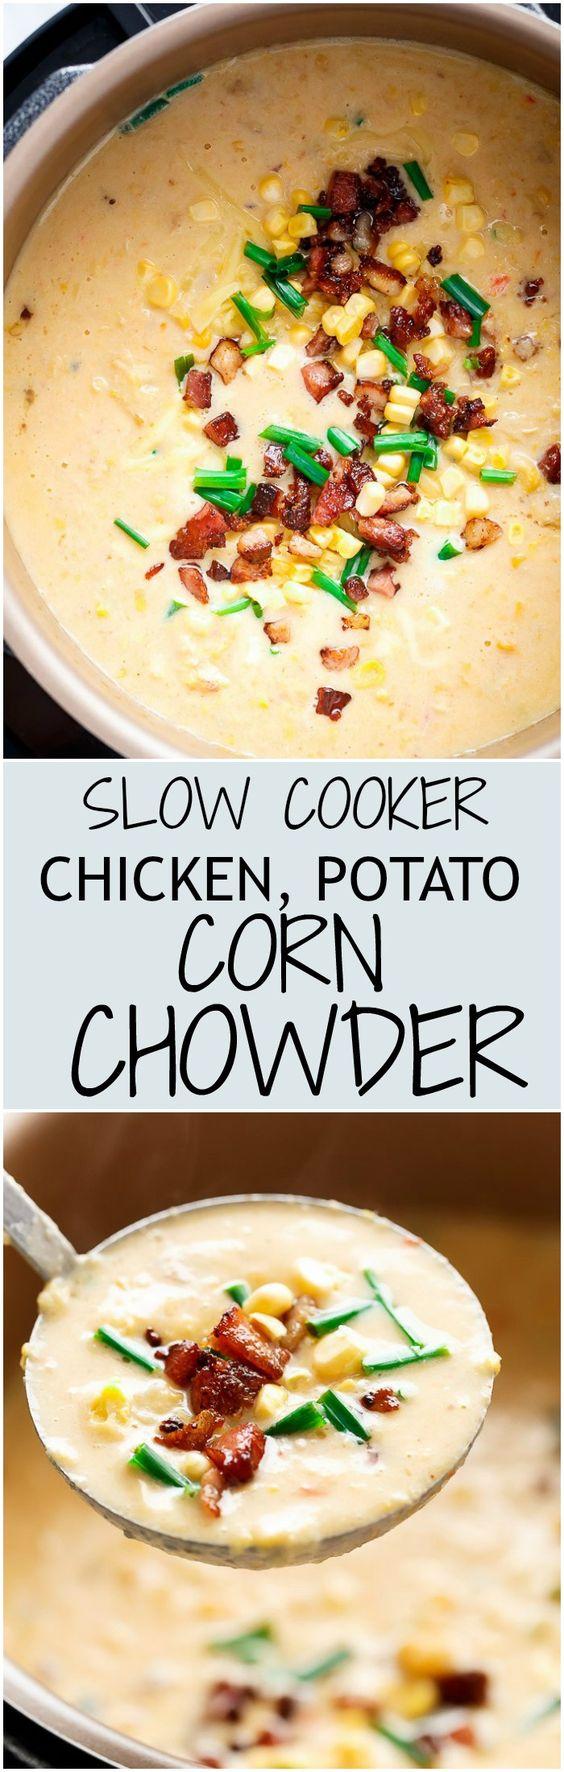 Potato corn chowder, Chicken potatoes and Corn chowder on Pinterest